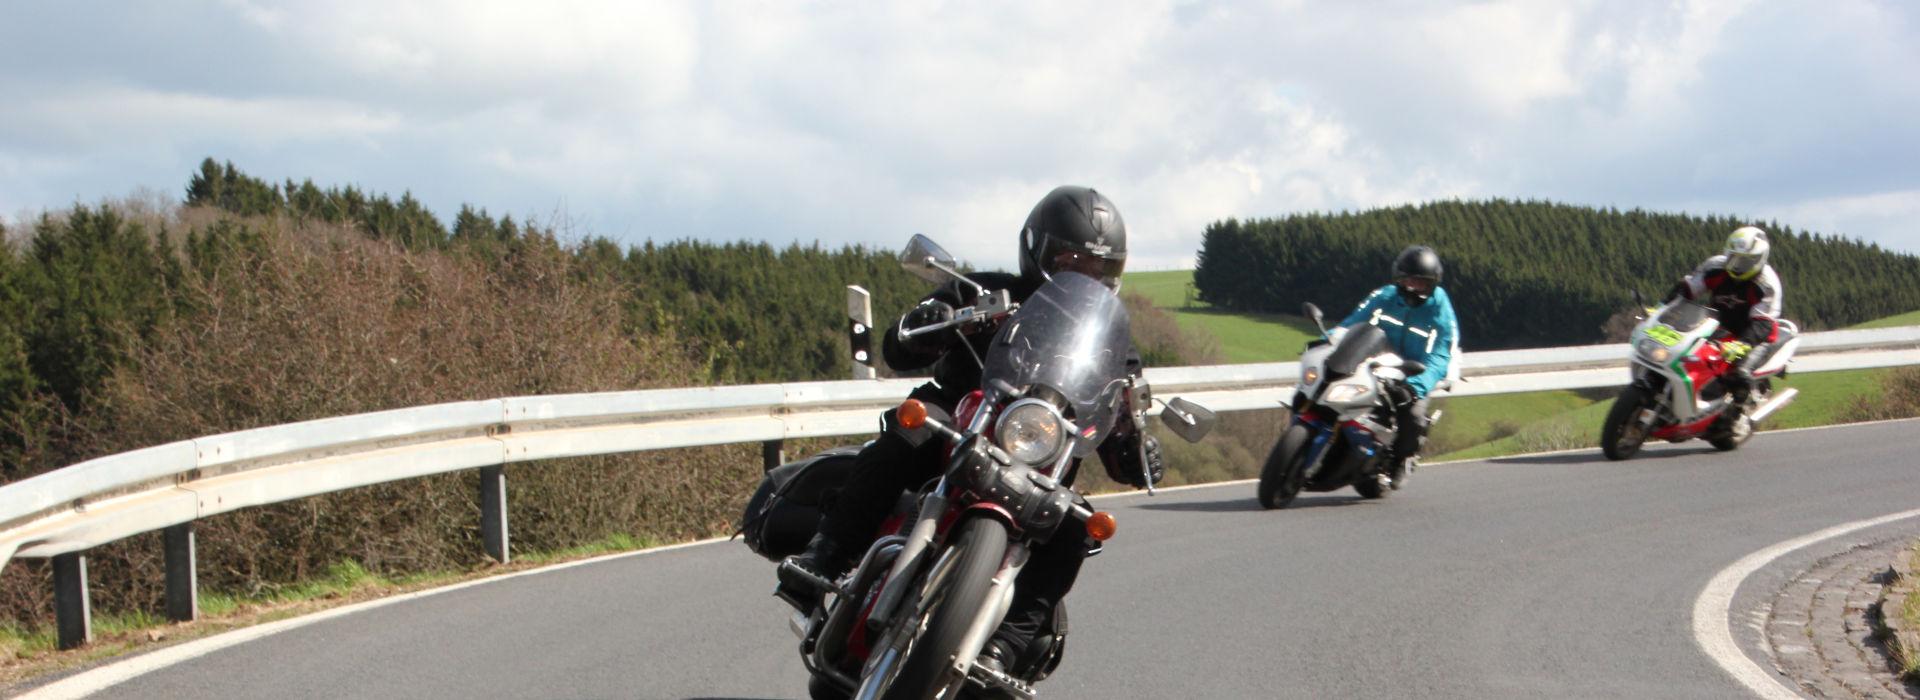 Motorrijbewijspoint Hoogezand spoed motorrijbewijs